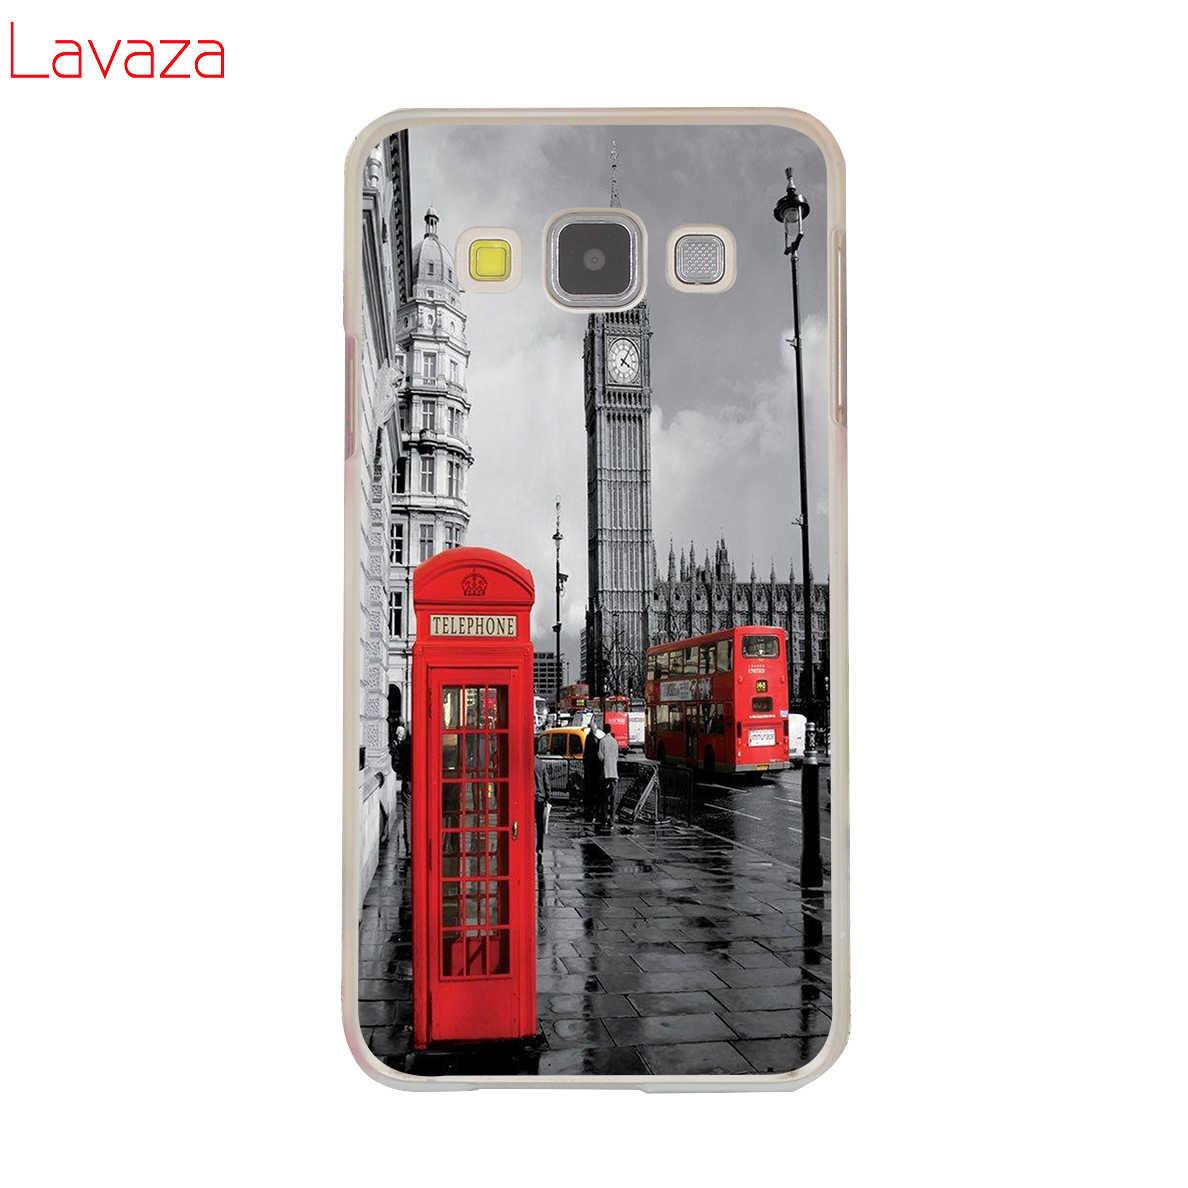 Жесткий чехол для телефона Lavaza London big ben Bus для samsung Galaxy J8 J7 Duo J4 J5 J6 Plus 2018 2017 2016 J2 J3 Prime 2015